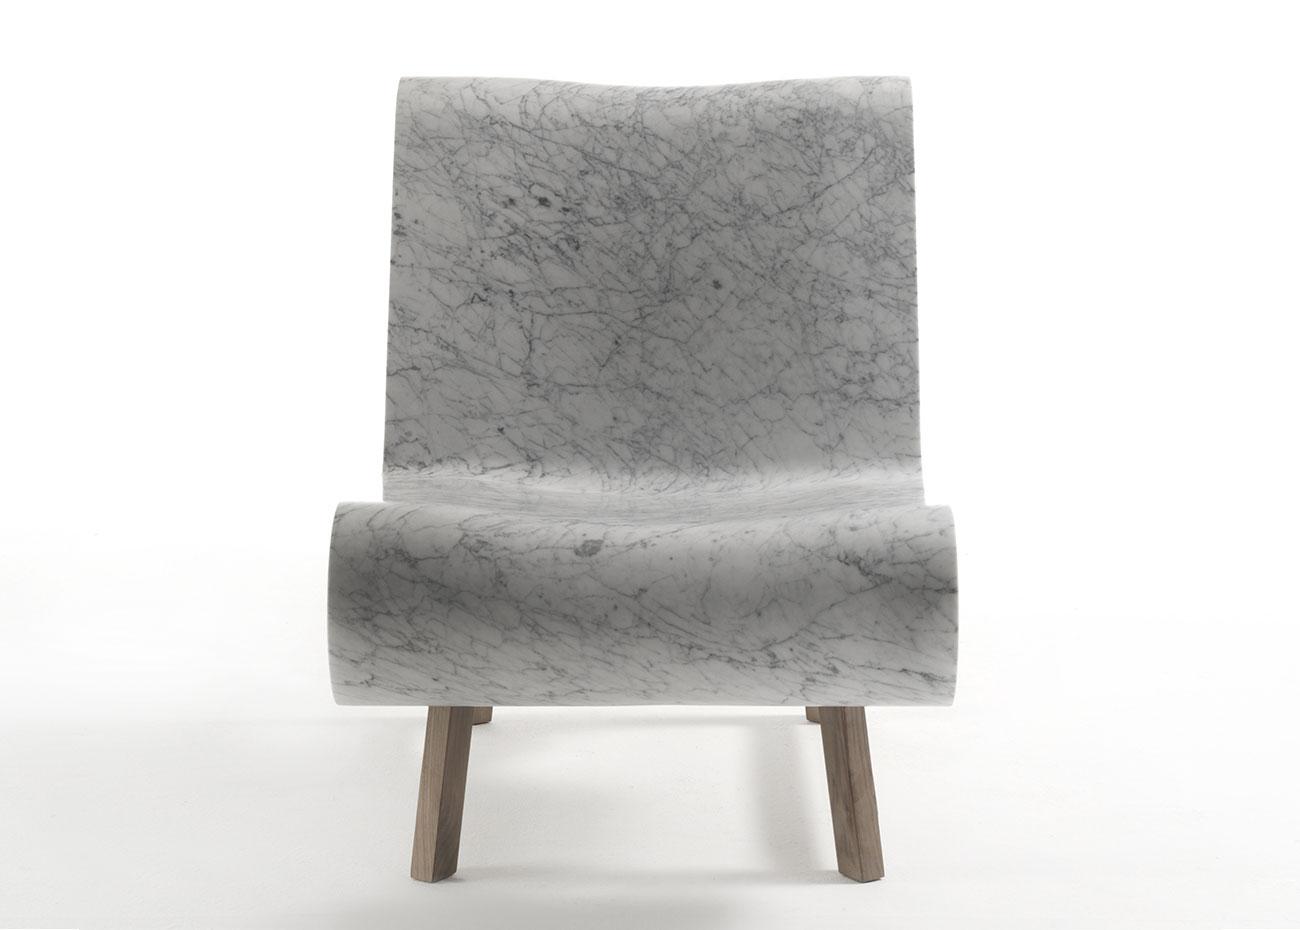 curl-gritti-rollo-mgm-la-marmoteca-sedia-marmo-design-collection